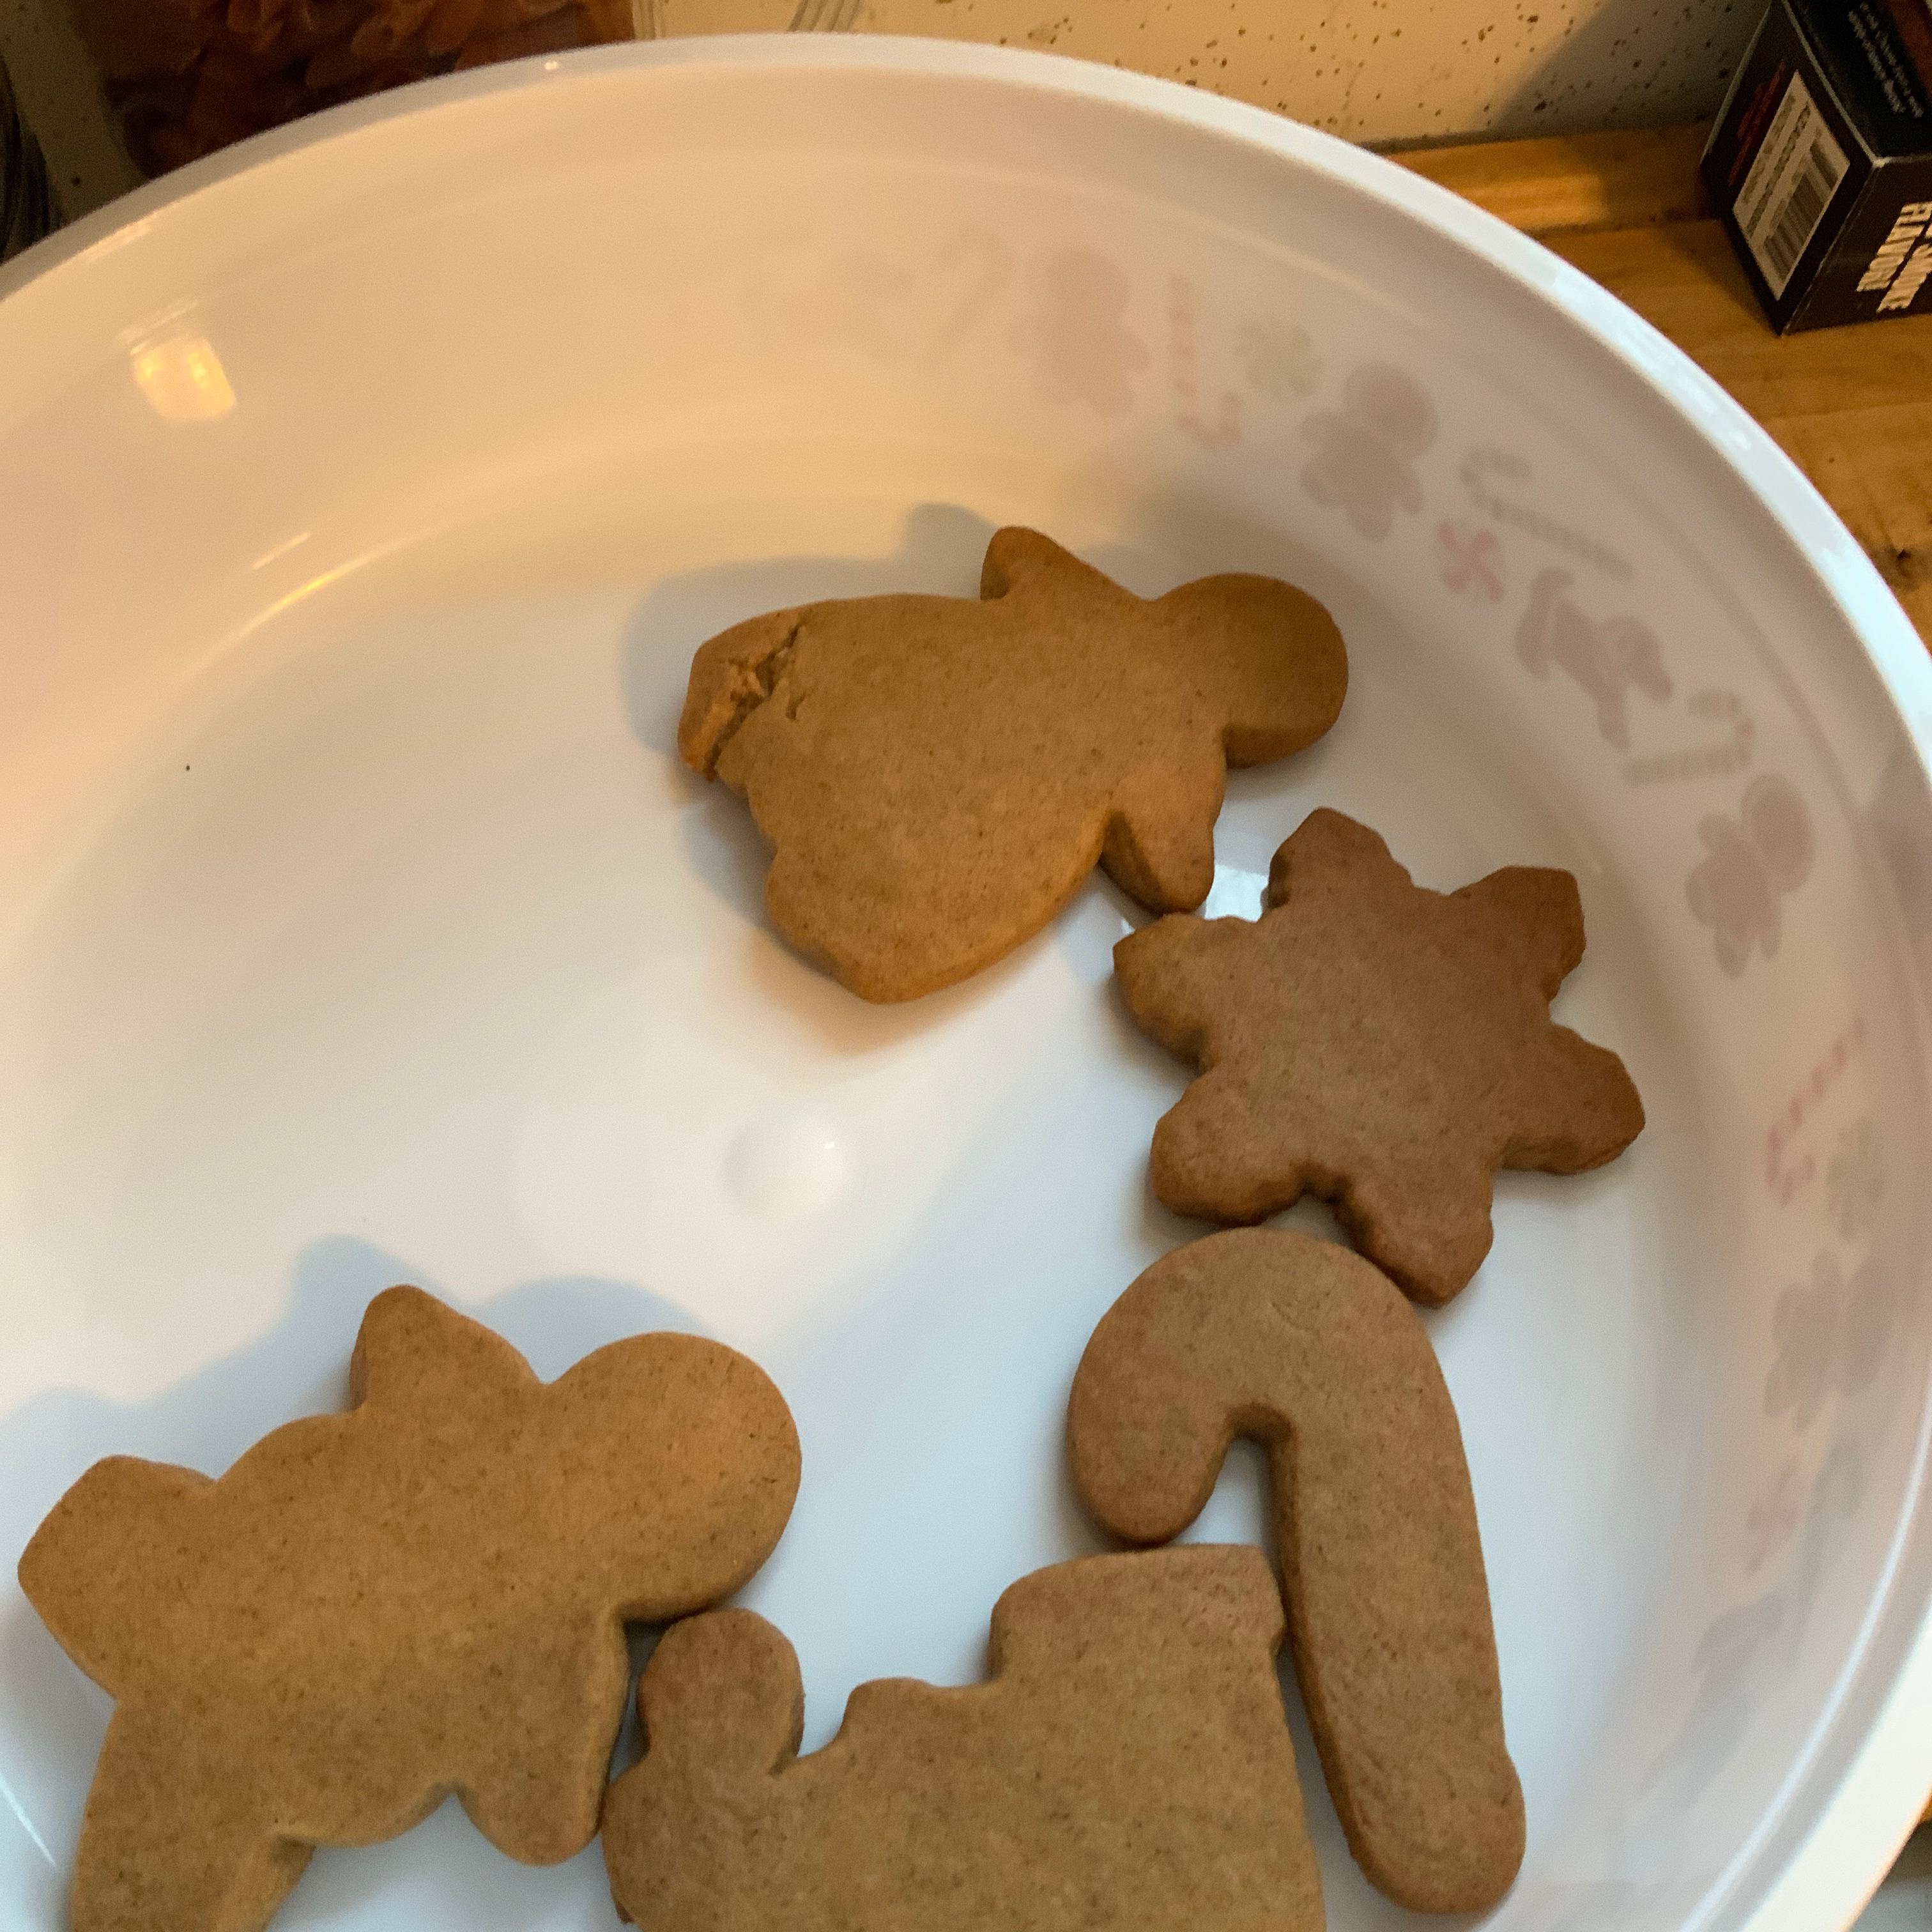 Gingerbread People from JELL-O Jenn Bueschel